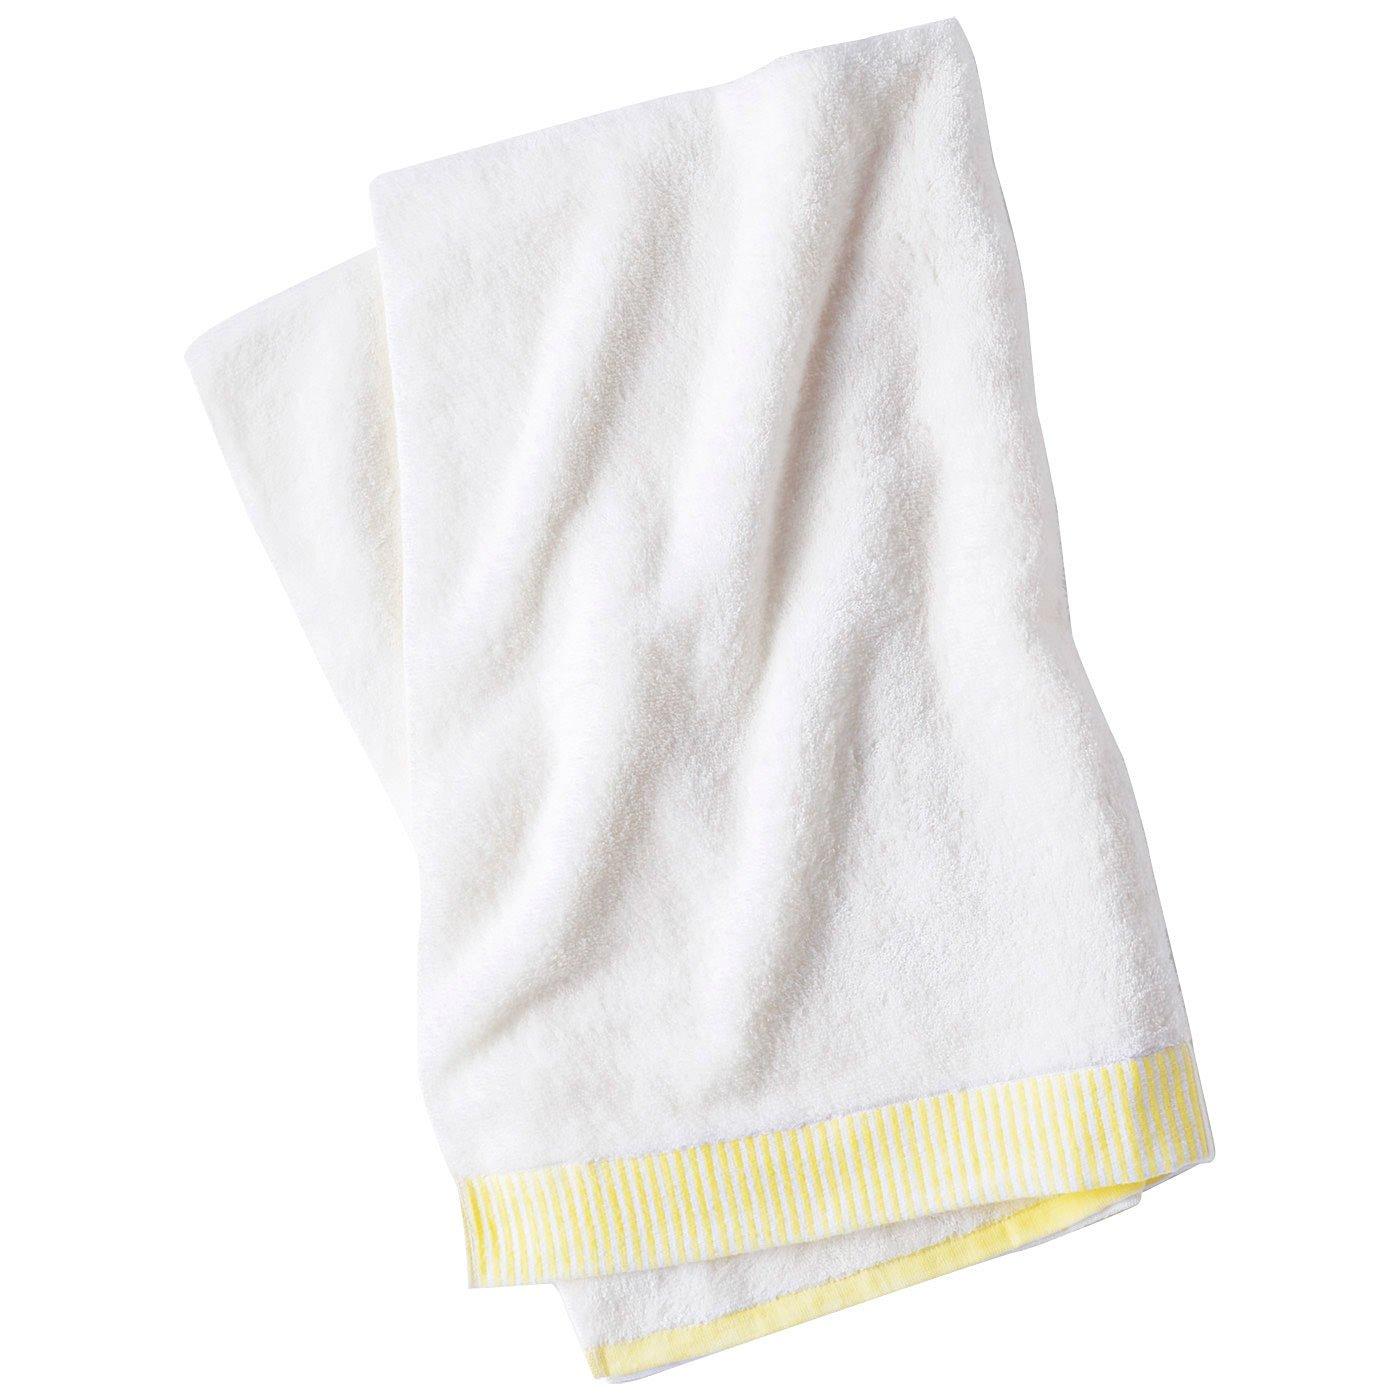 スキンケア発想 ふんわりパイルのうる肌バスタオル